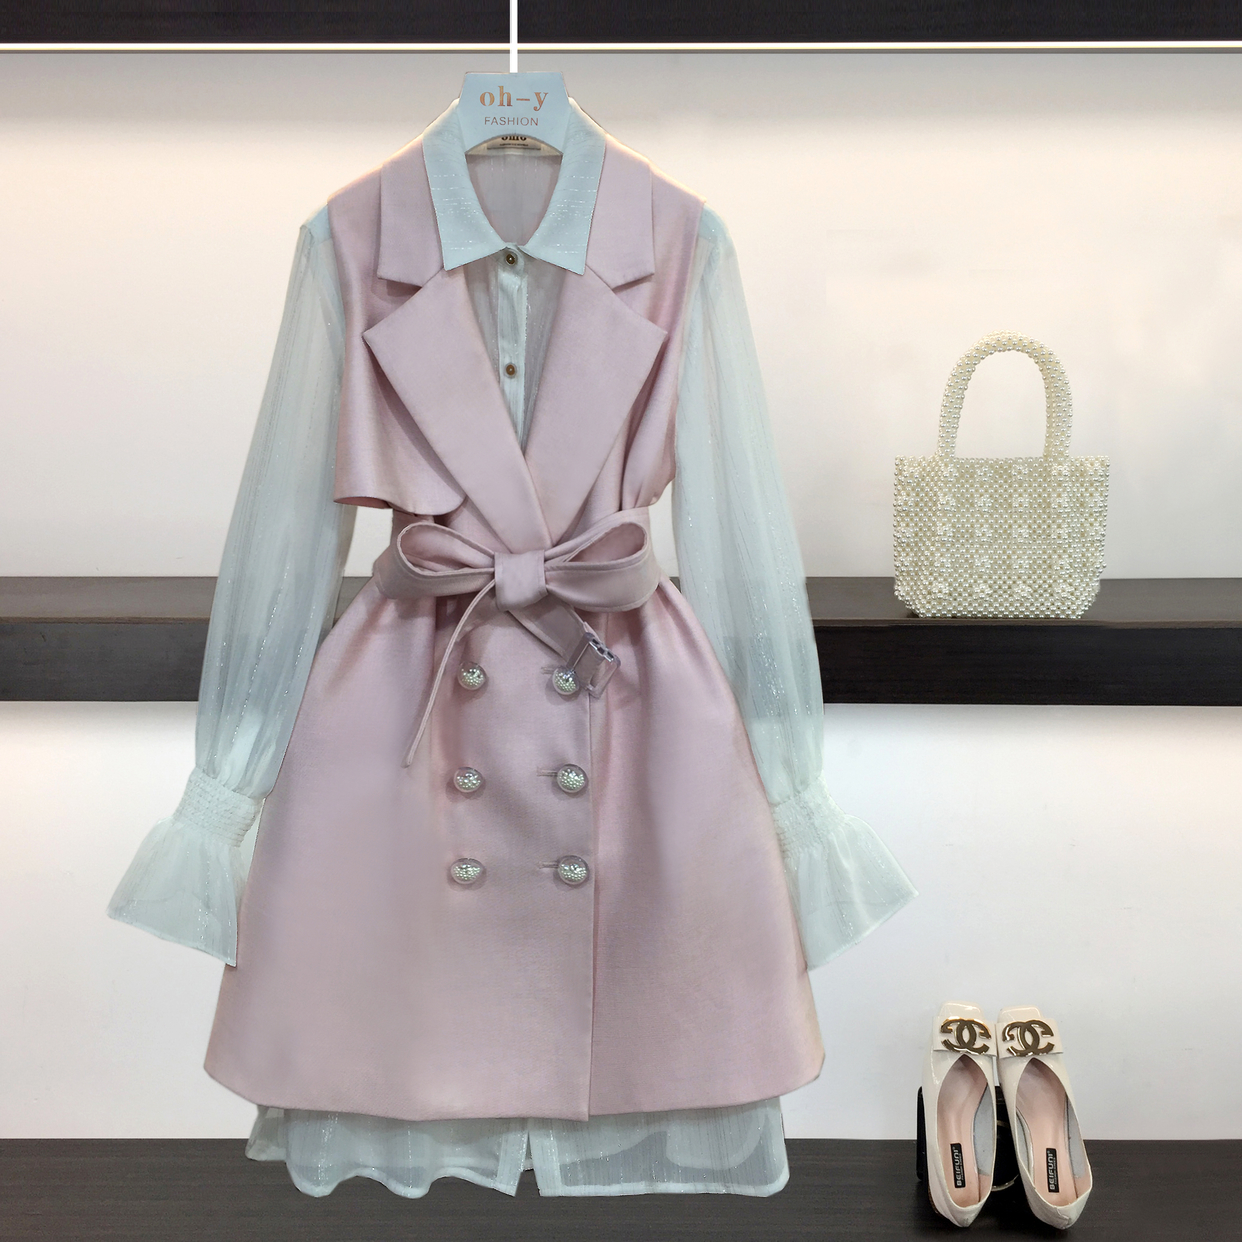 Femmes Designers Trench manteaux 2 pièces ensemble femmes 2019 automne Double poitrine réglable taille longue Trench manteau mince mode vêtements